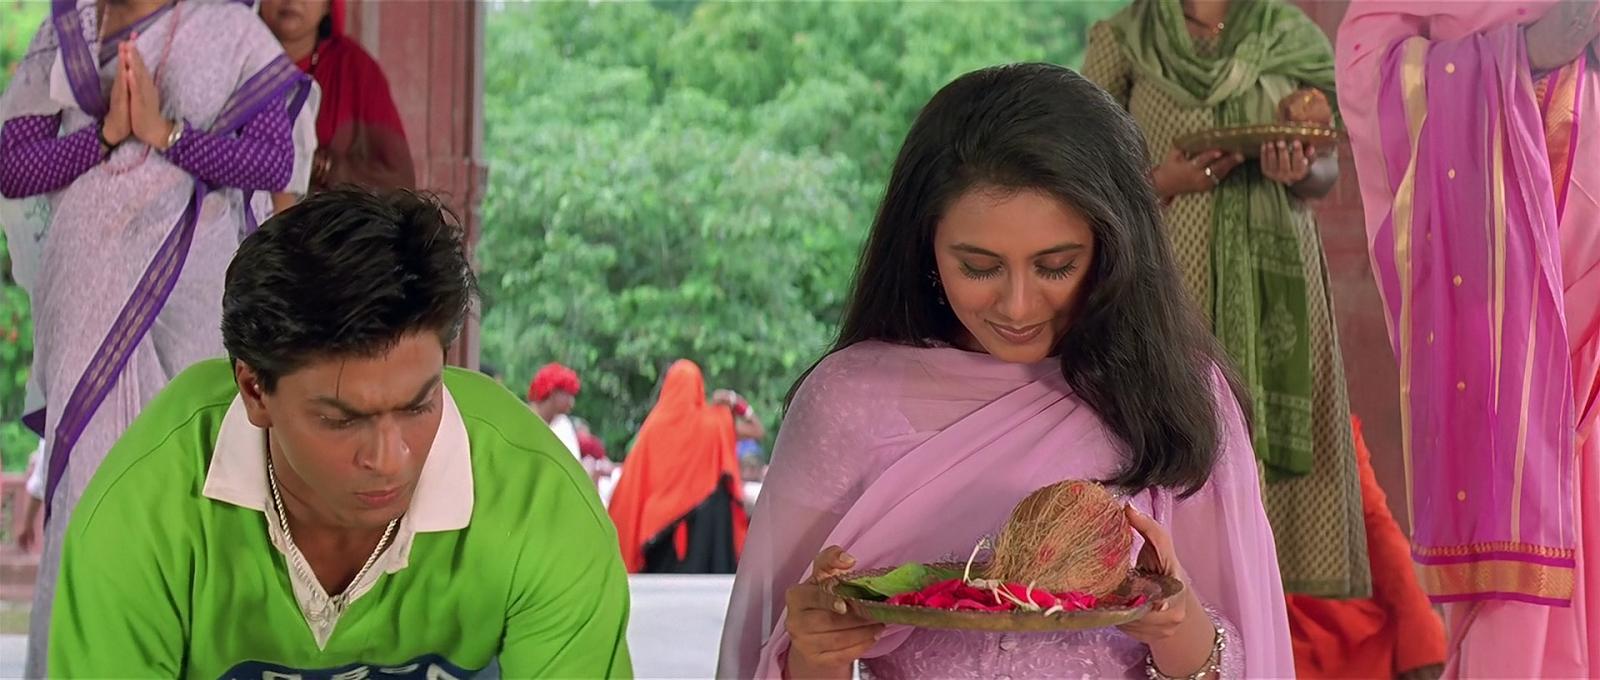 SRK and Rani Mukerji in KKHH